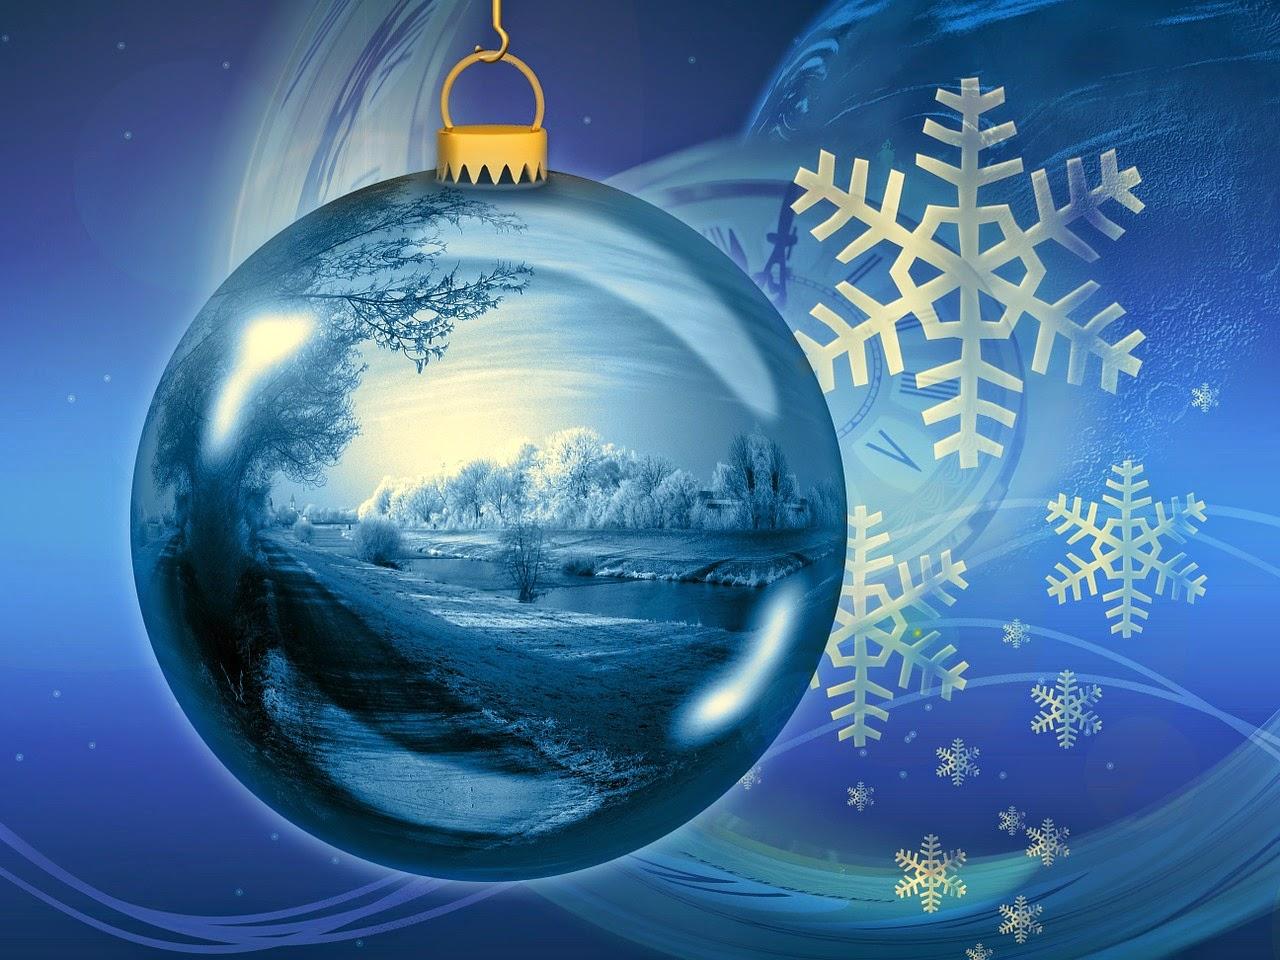 Feliz Navidad , feliz año nuevo 2015